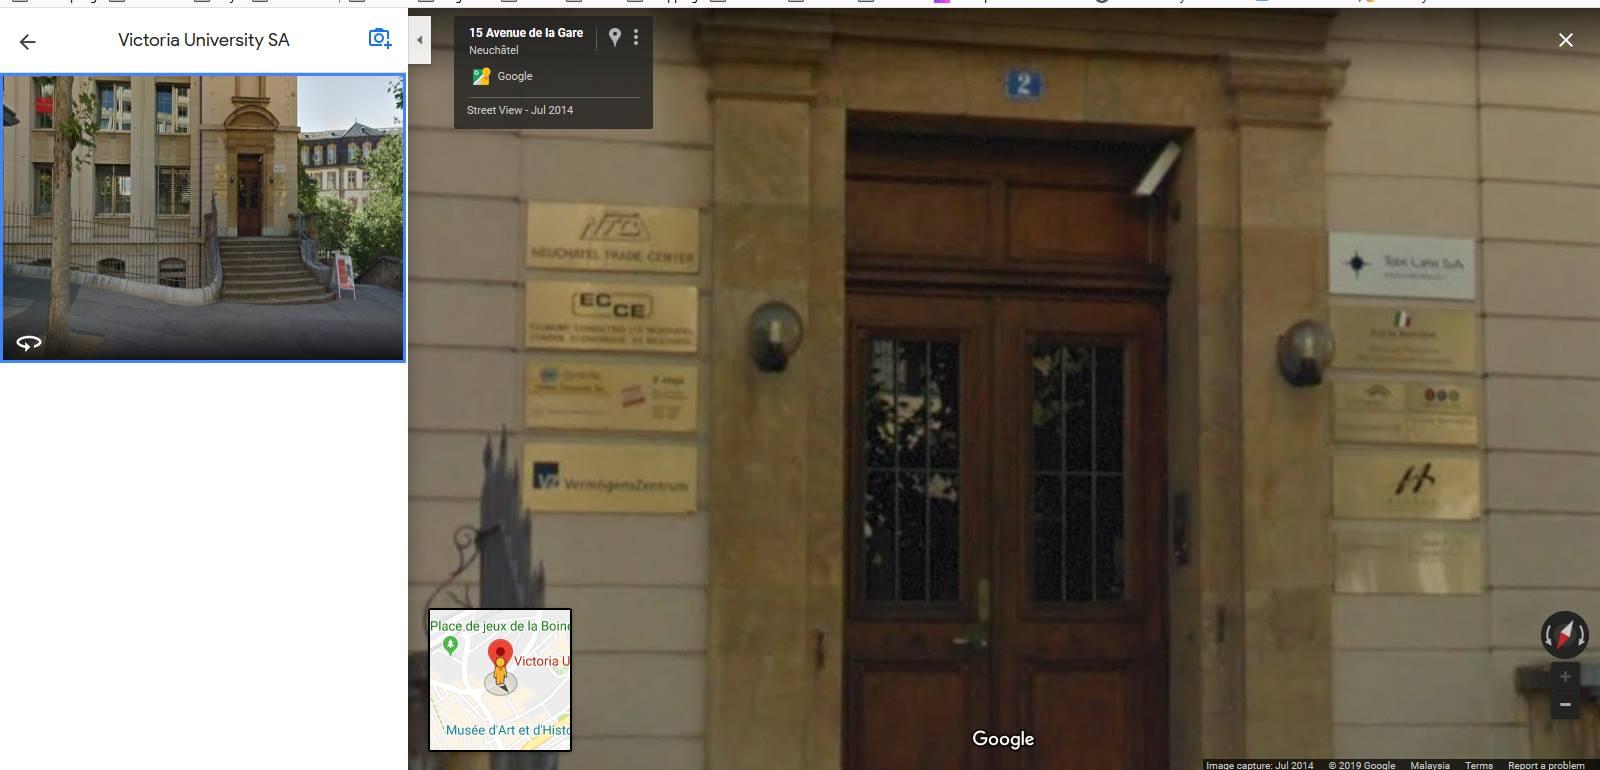 Inilah VU School of Management kalau ikut google. Cuma ada signboard kecik direktori je. Tak kelihatan lambang VU School of Managent pun. Cuma adalah satu lambang yang kelihatan seakan-akan sama tapi bukan bila diperhati betul-betul.